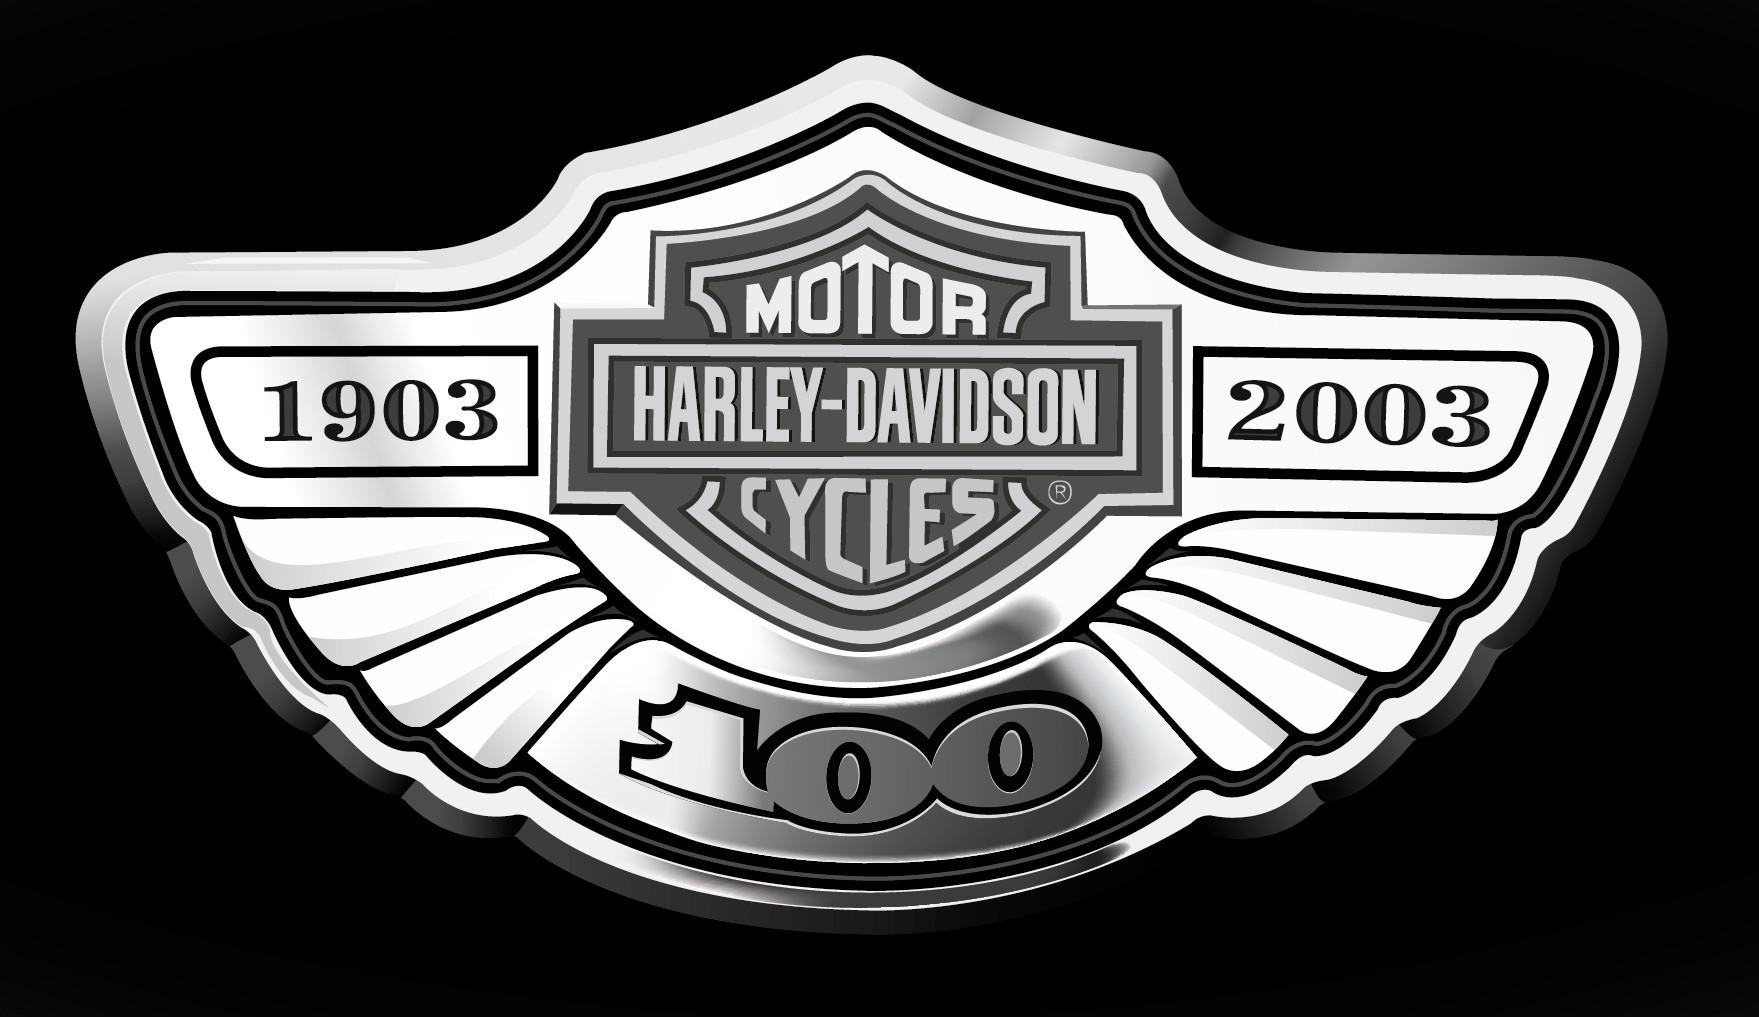 Rajesh sawant harley davidson logo